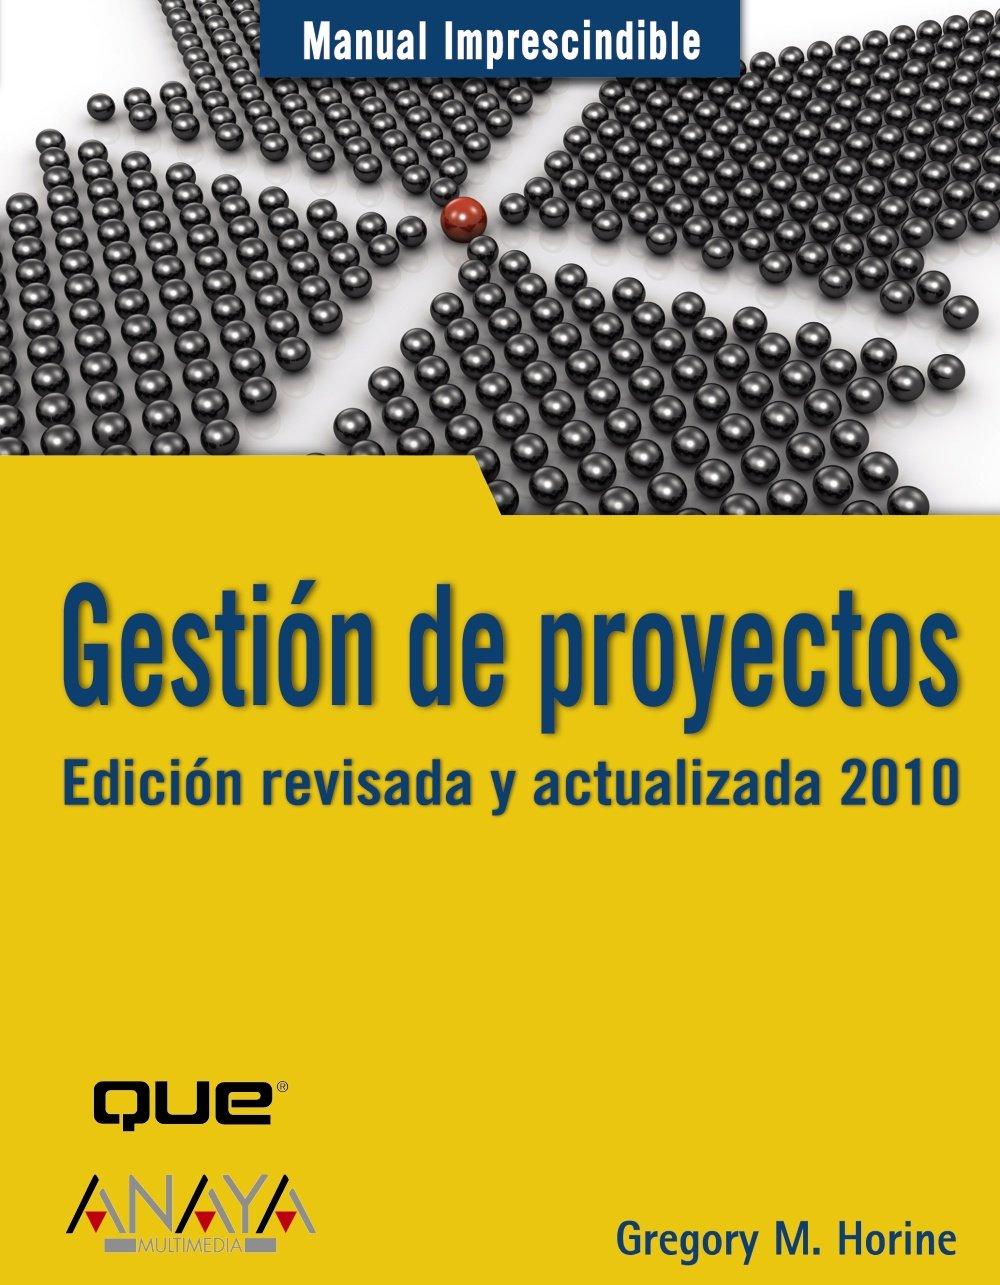 Gestión de proyectos. Edición revisada y actualizada 2010 (Manuales Imprescindibles) Tapa blanda – 22 jun 2009 Gregory M. Horine ANAYA MULTIMEDIA 8441526079 Computer Science